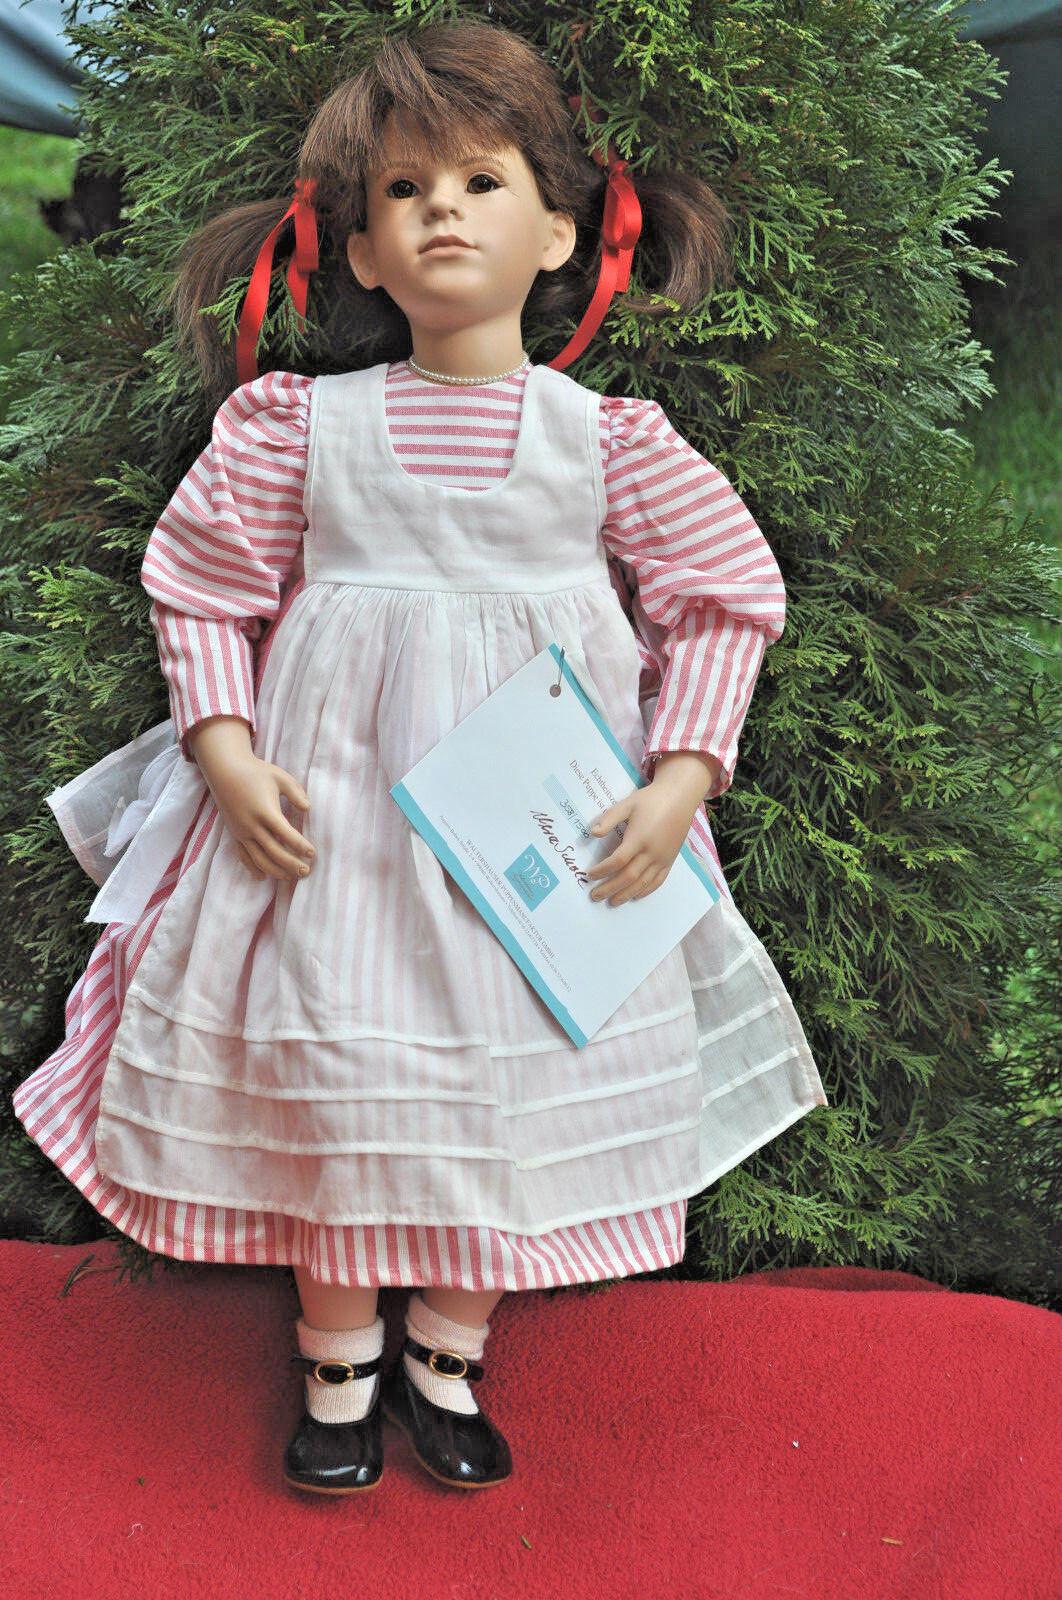 Künstlerpuppe -  Waltershäuser Puppenmanufaktur - Mädchen 63 cm - Puppe Nr.10